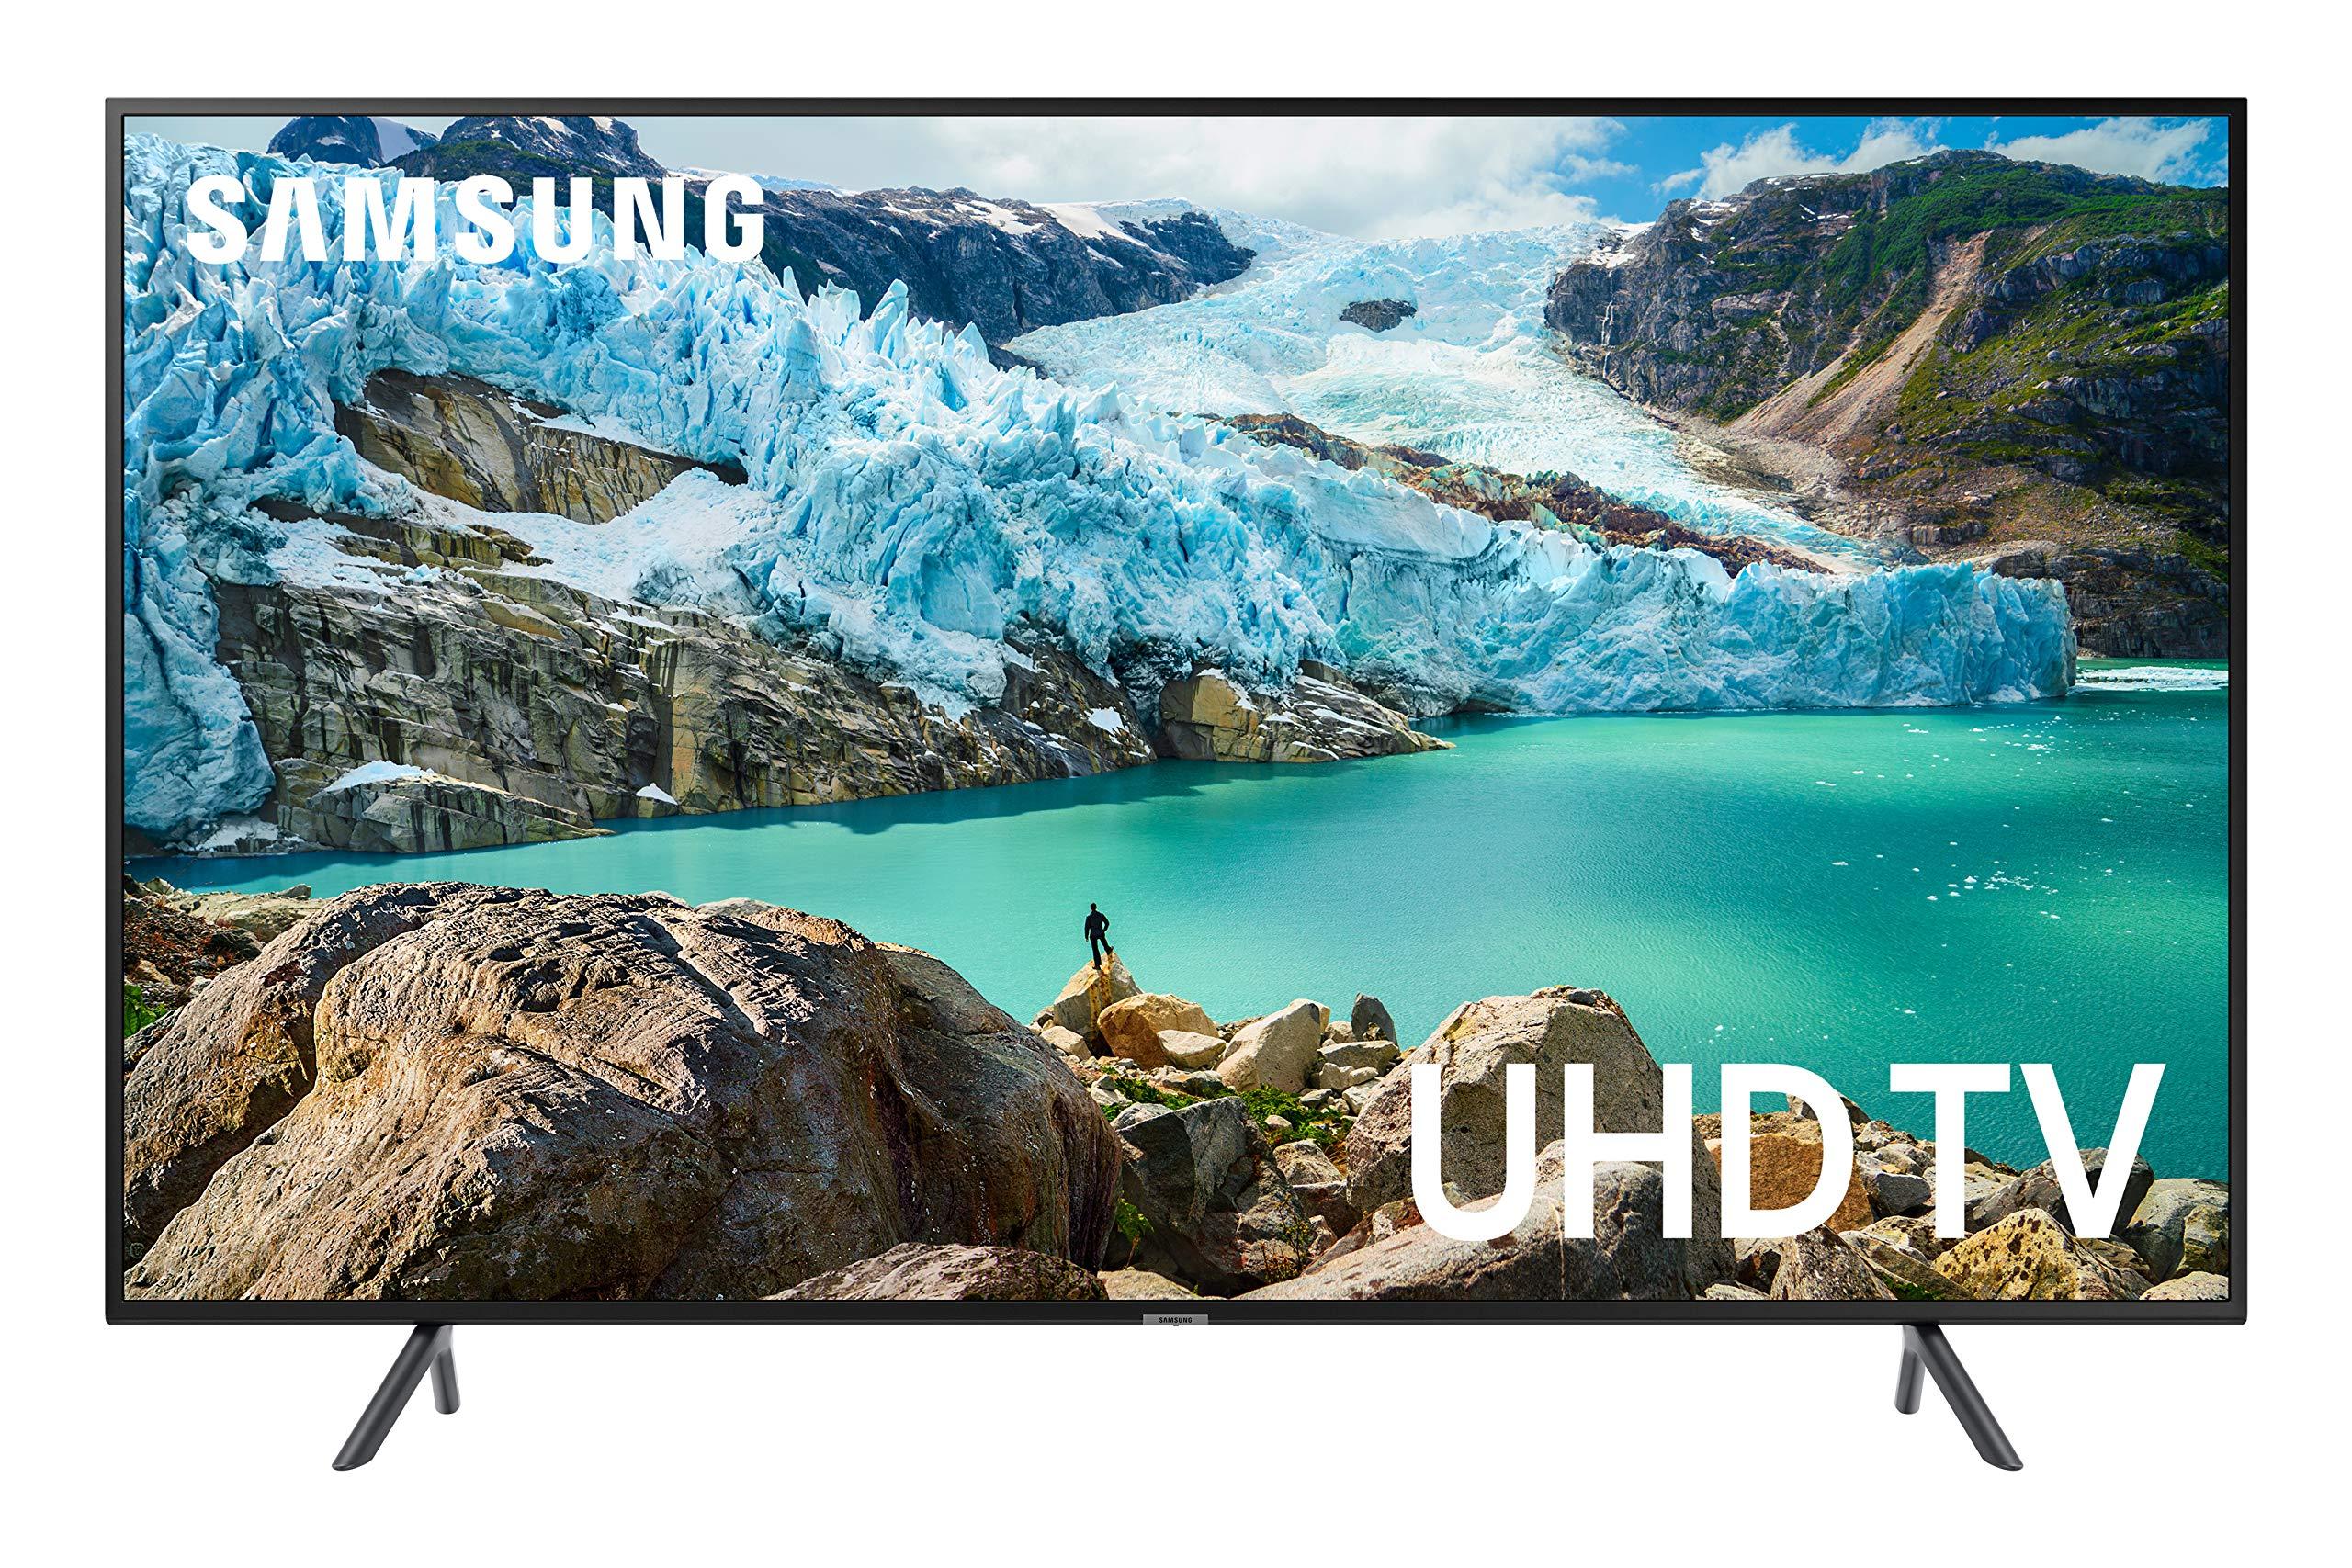 Samsung UN50RU7100FXZA FLAT UHD Smart